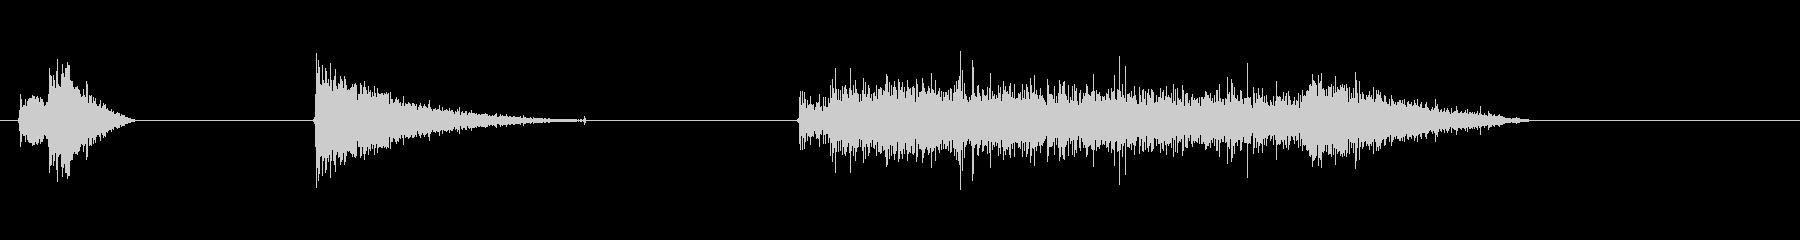 ショートバースト火炎放射器1の未再生の波形